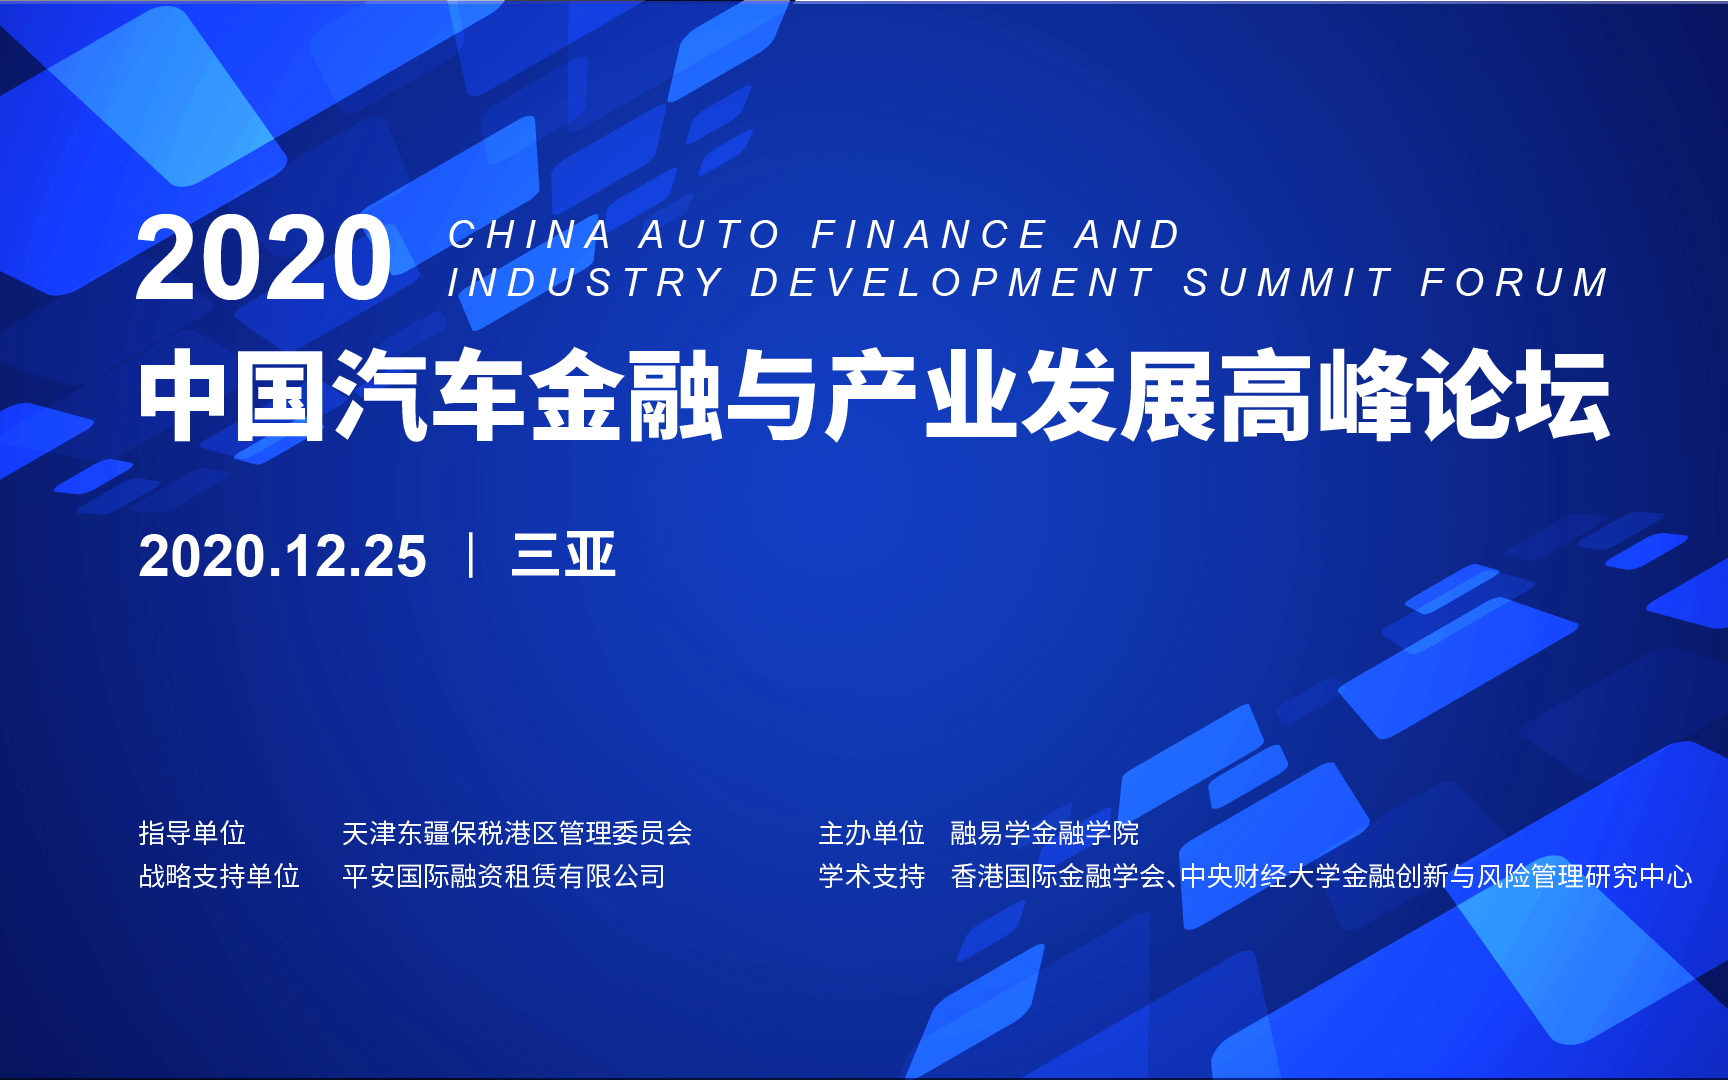 2020 中国汽车金融与产业发展高峰论坛 --破晓·崭新时代的号角